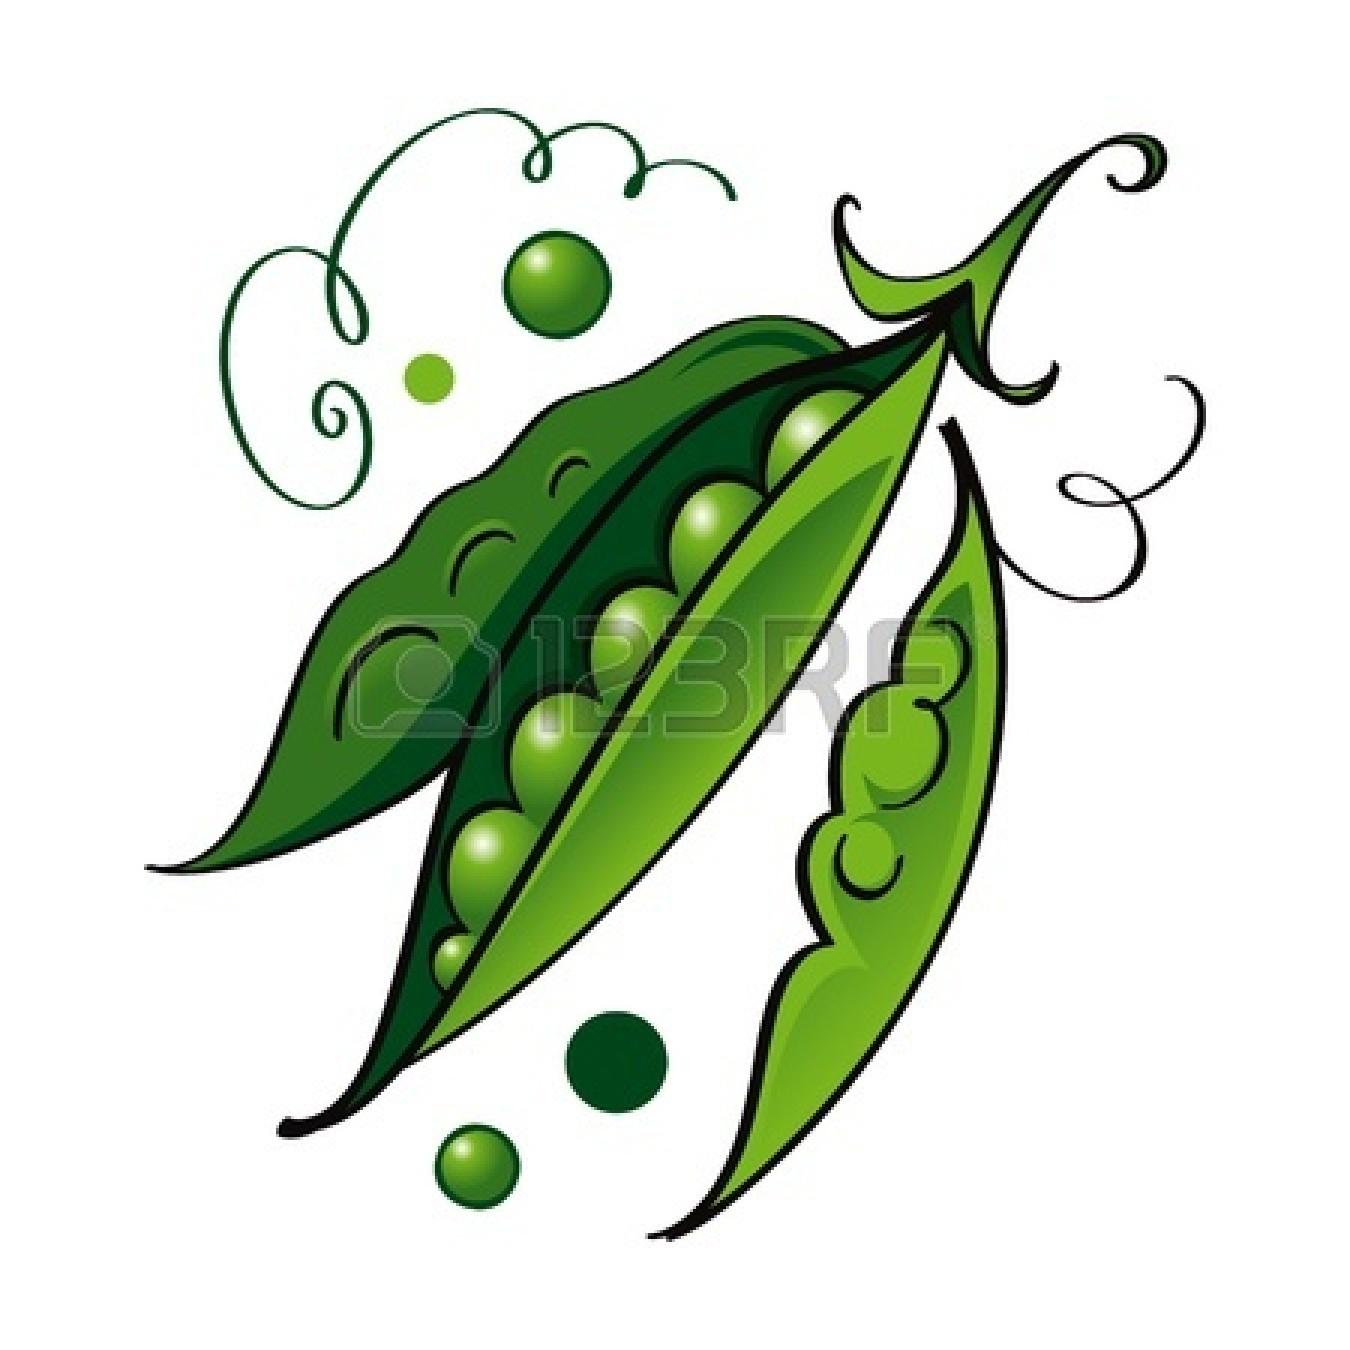 Sweet pea vine drawing